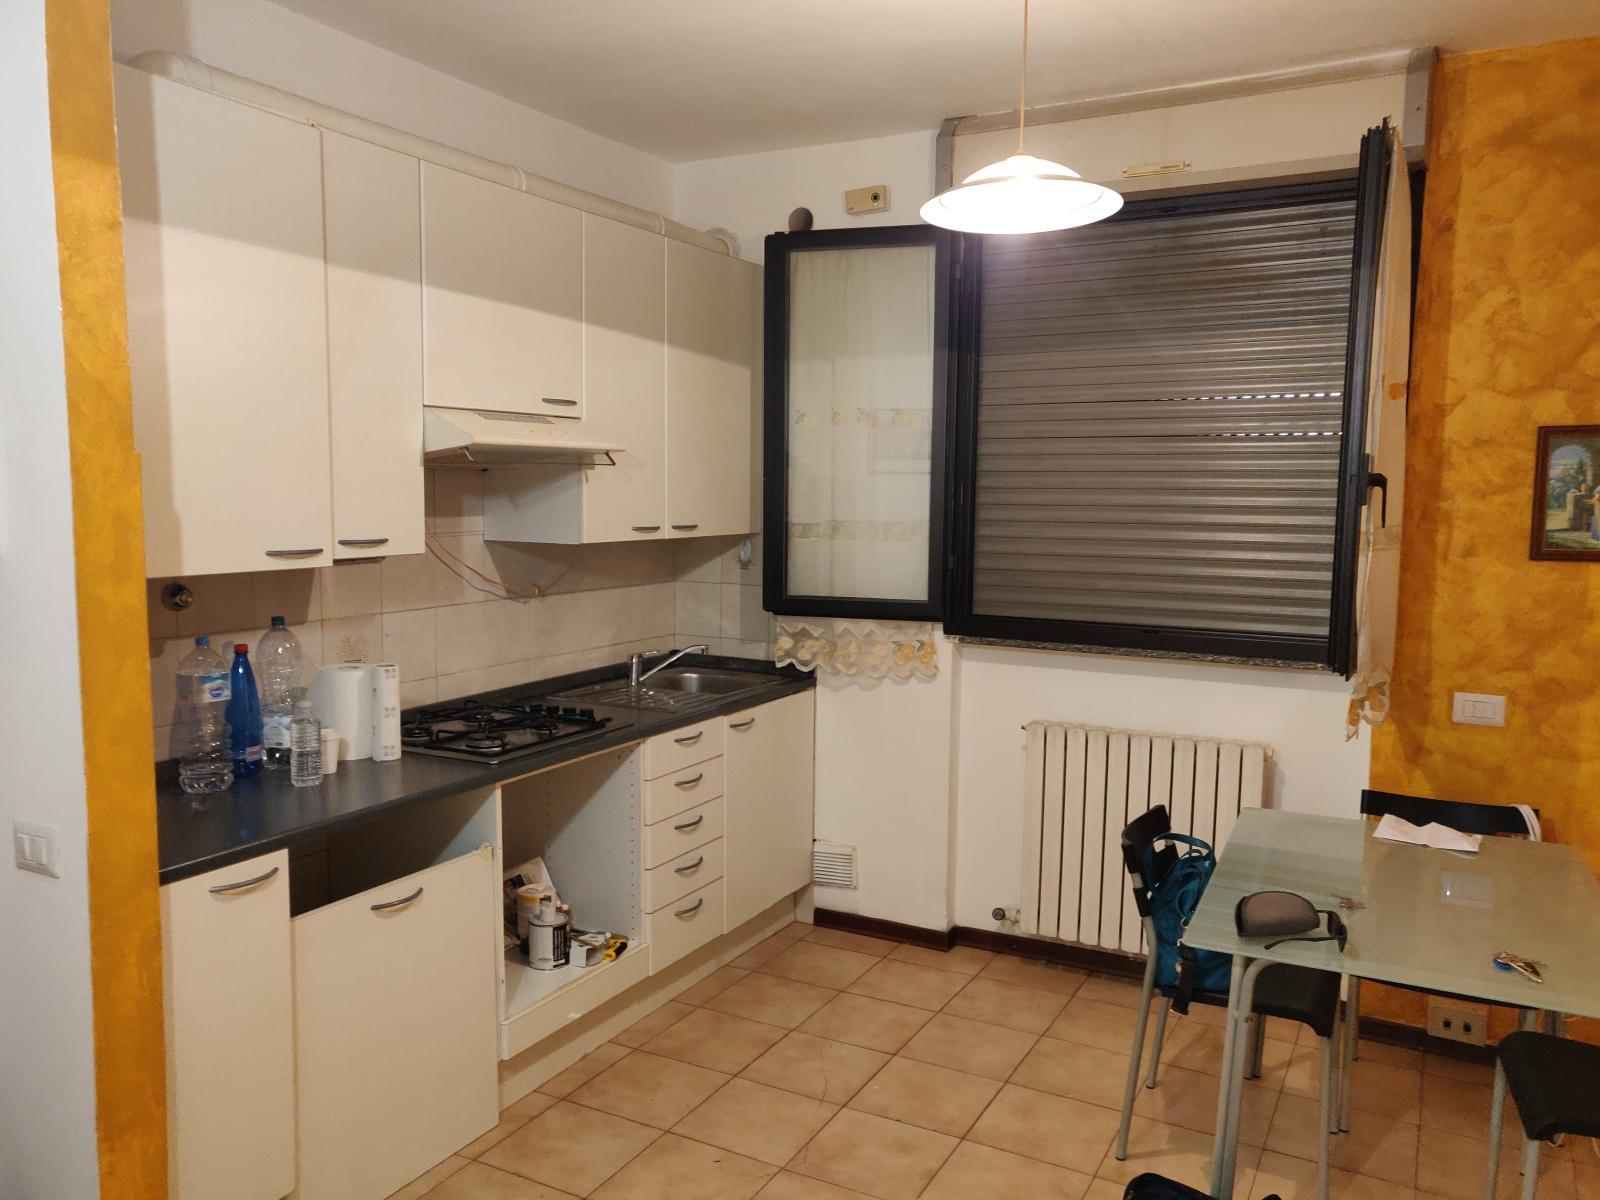 appartamento-in-vendita-bilocale-2-locali-milano-baggio-cividale-del-friuli-spaziourbano-immobiliare-vende-7